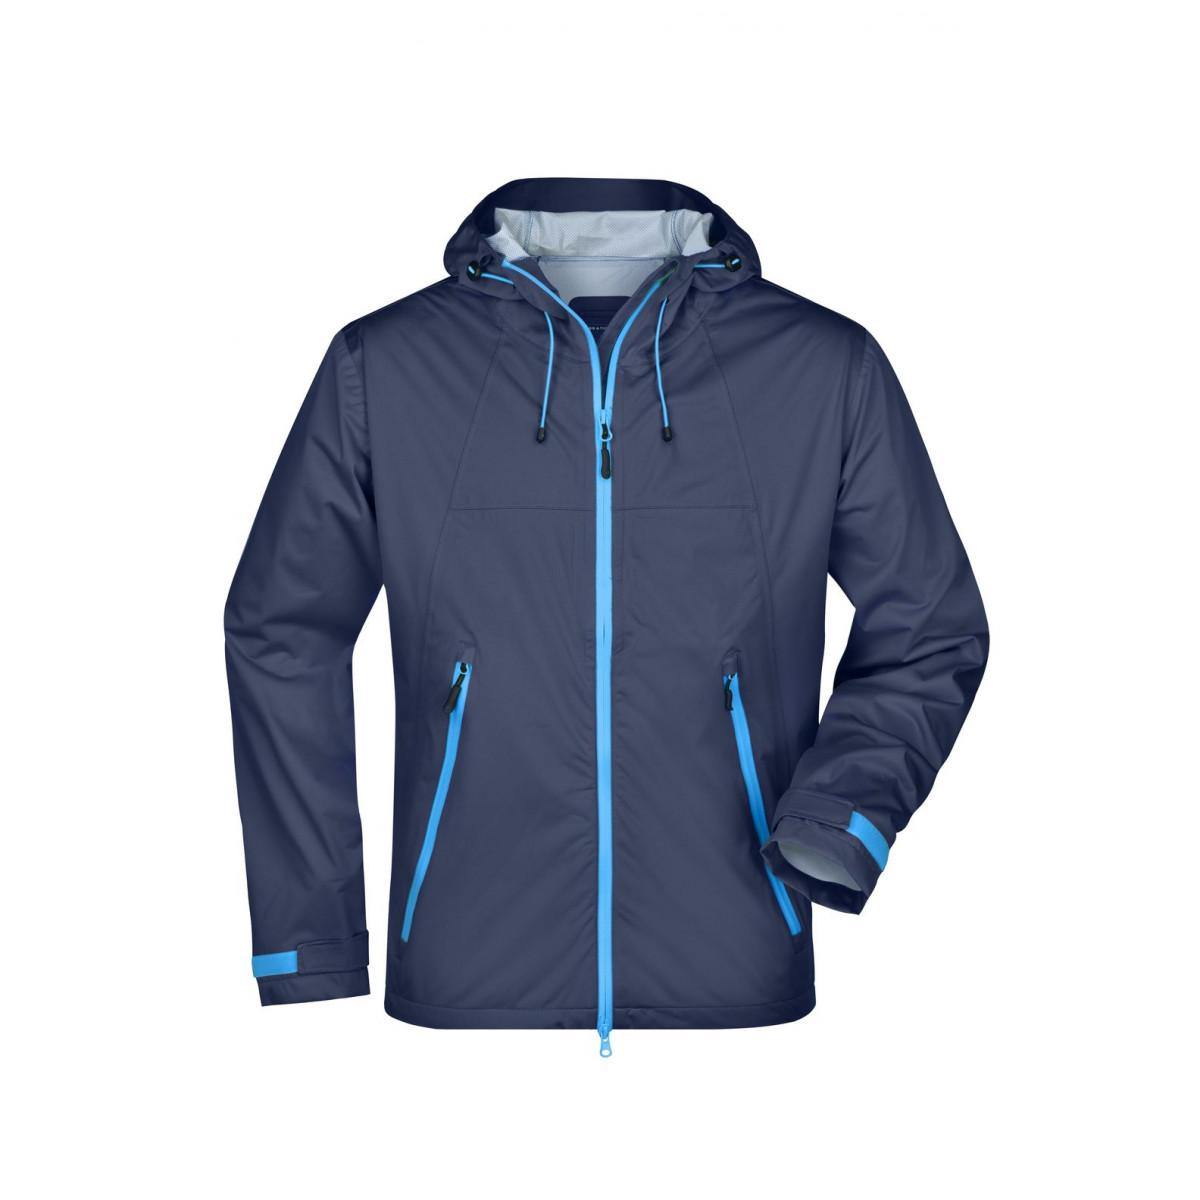 Куртка мужская JN1098 Mens Outdoor Jacket - Темно-синий/Кобальт